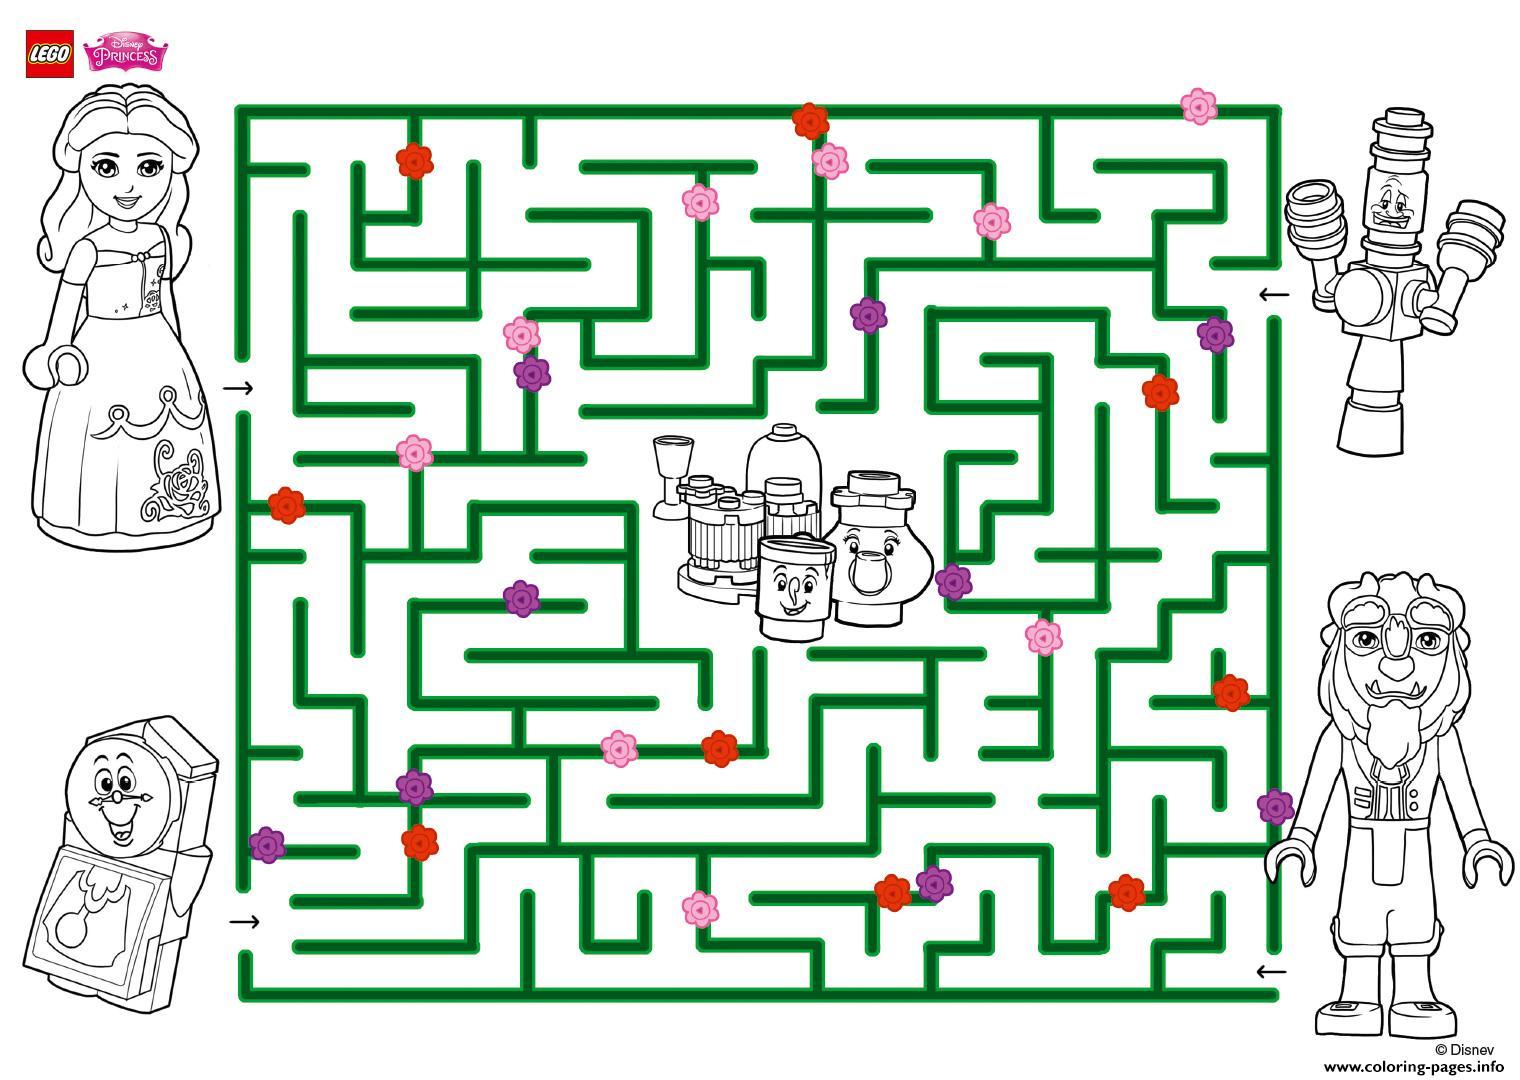 Explore The Amazing Maze Lego Disney